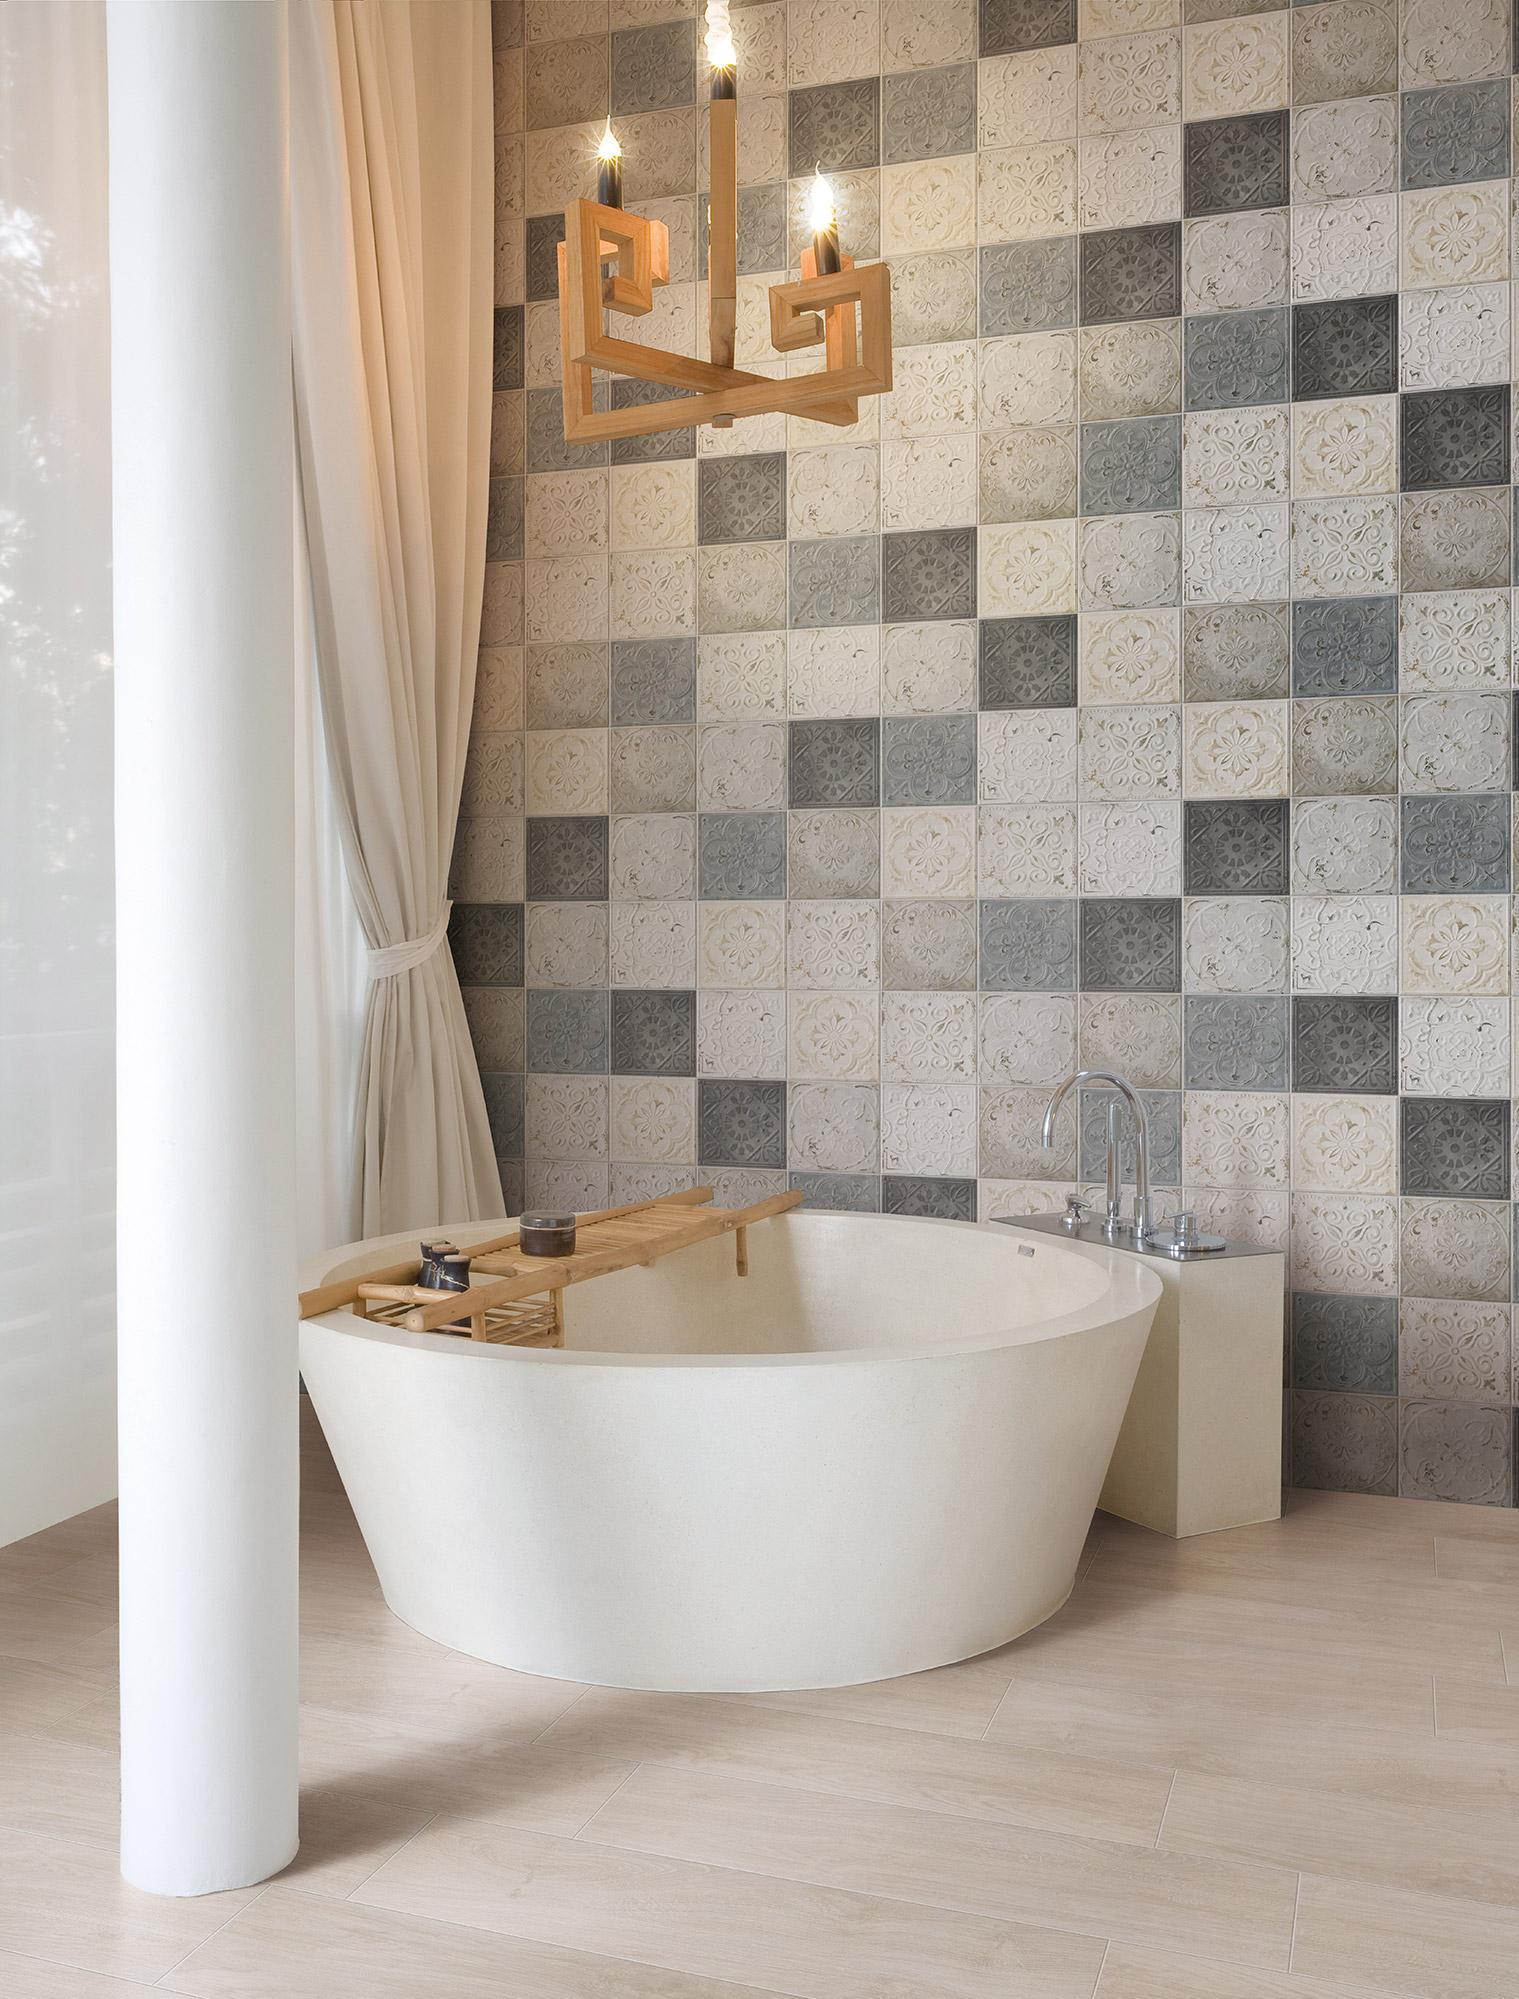 Carrelage mur et sol carreau de ciment multicouleur mat l.20 x L.20 cm, Victoria